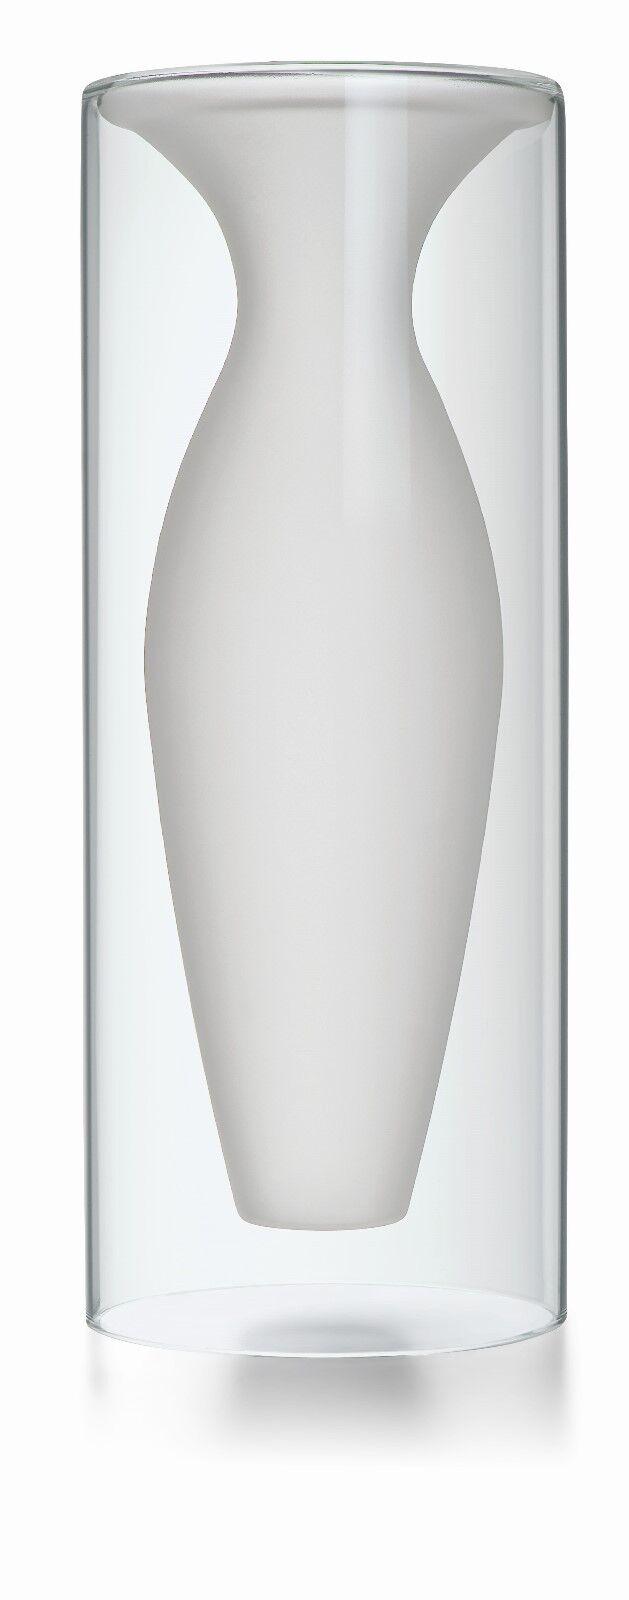 Philippi ESMERALDA Vase L 149004